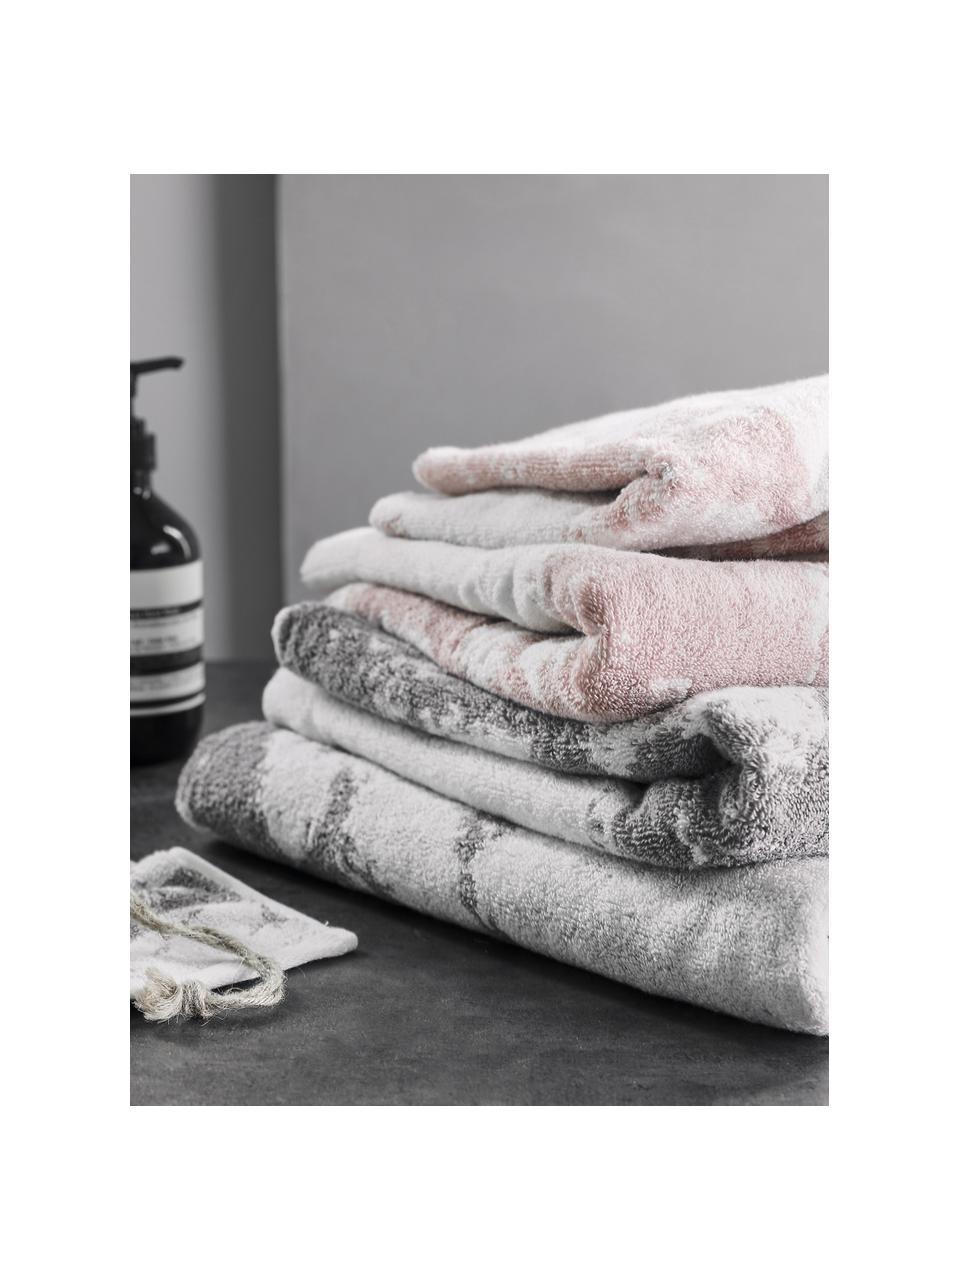 Set 3 asciugamani con motivo effetto marmo Marmo, Rosa, bianco crema, Set in varie misure